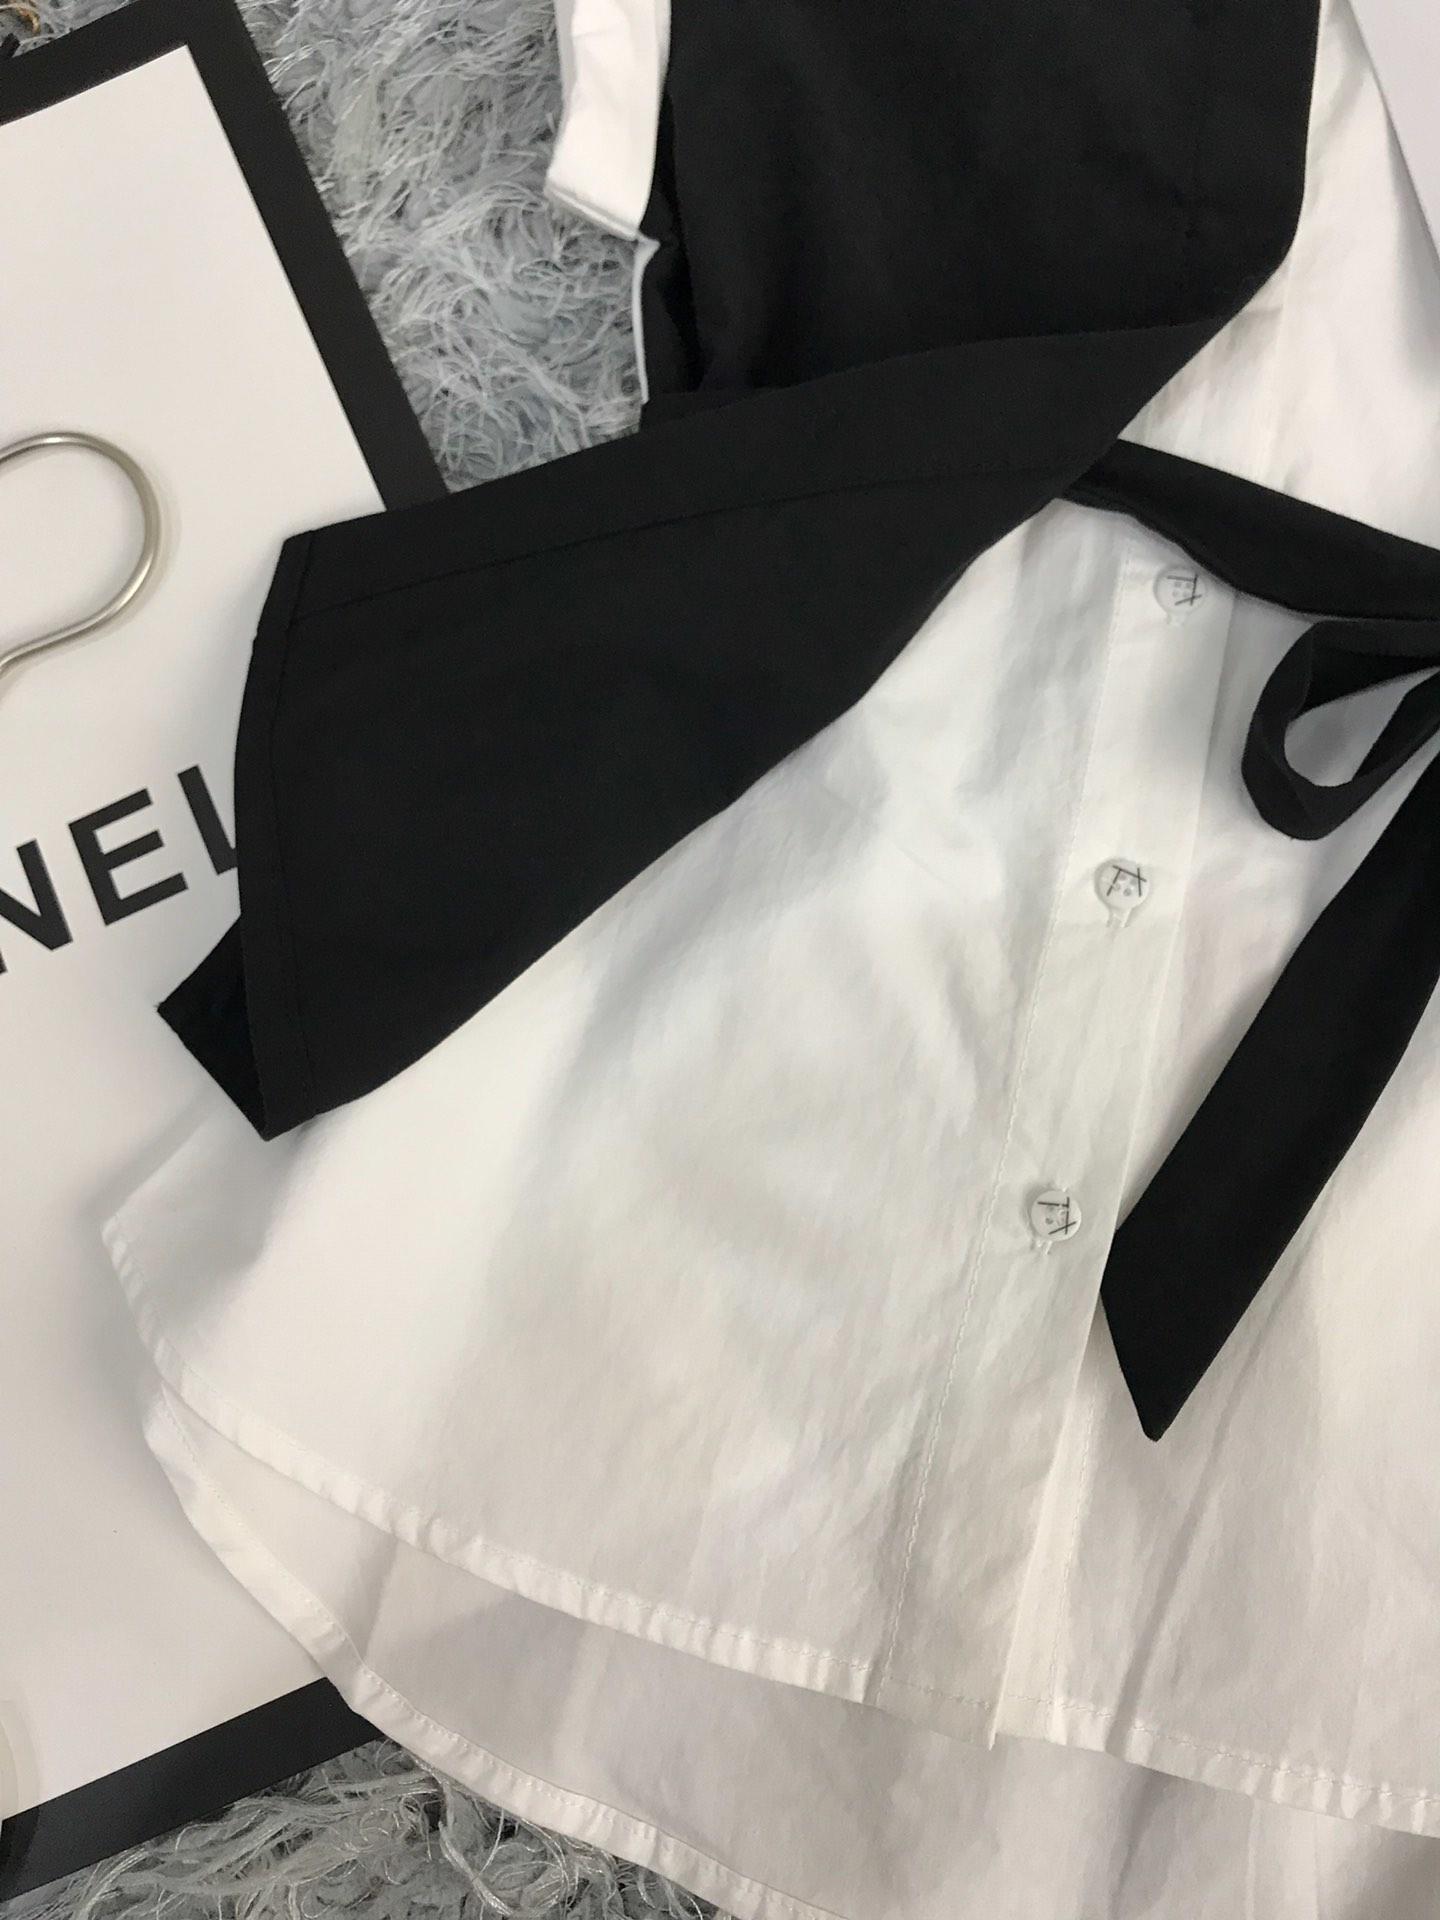 2019 neue sommerkleider kinder marke kleidung mädchen kleid babykleidung kinder kleid hemd kontrastfarbe revers rock mädchen boutique outfits